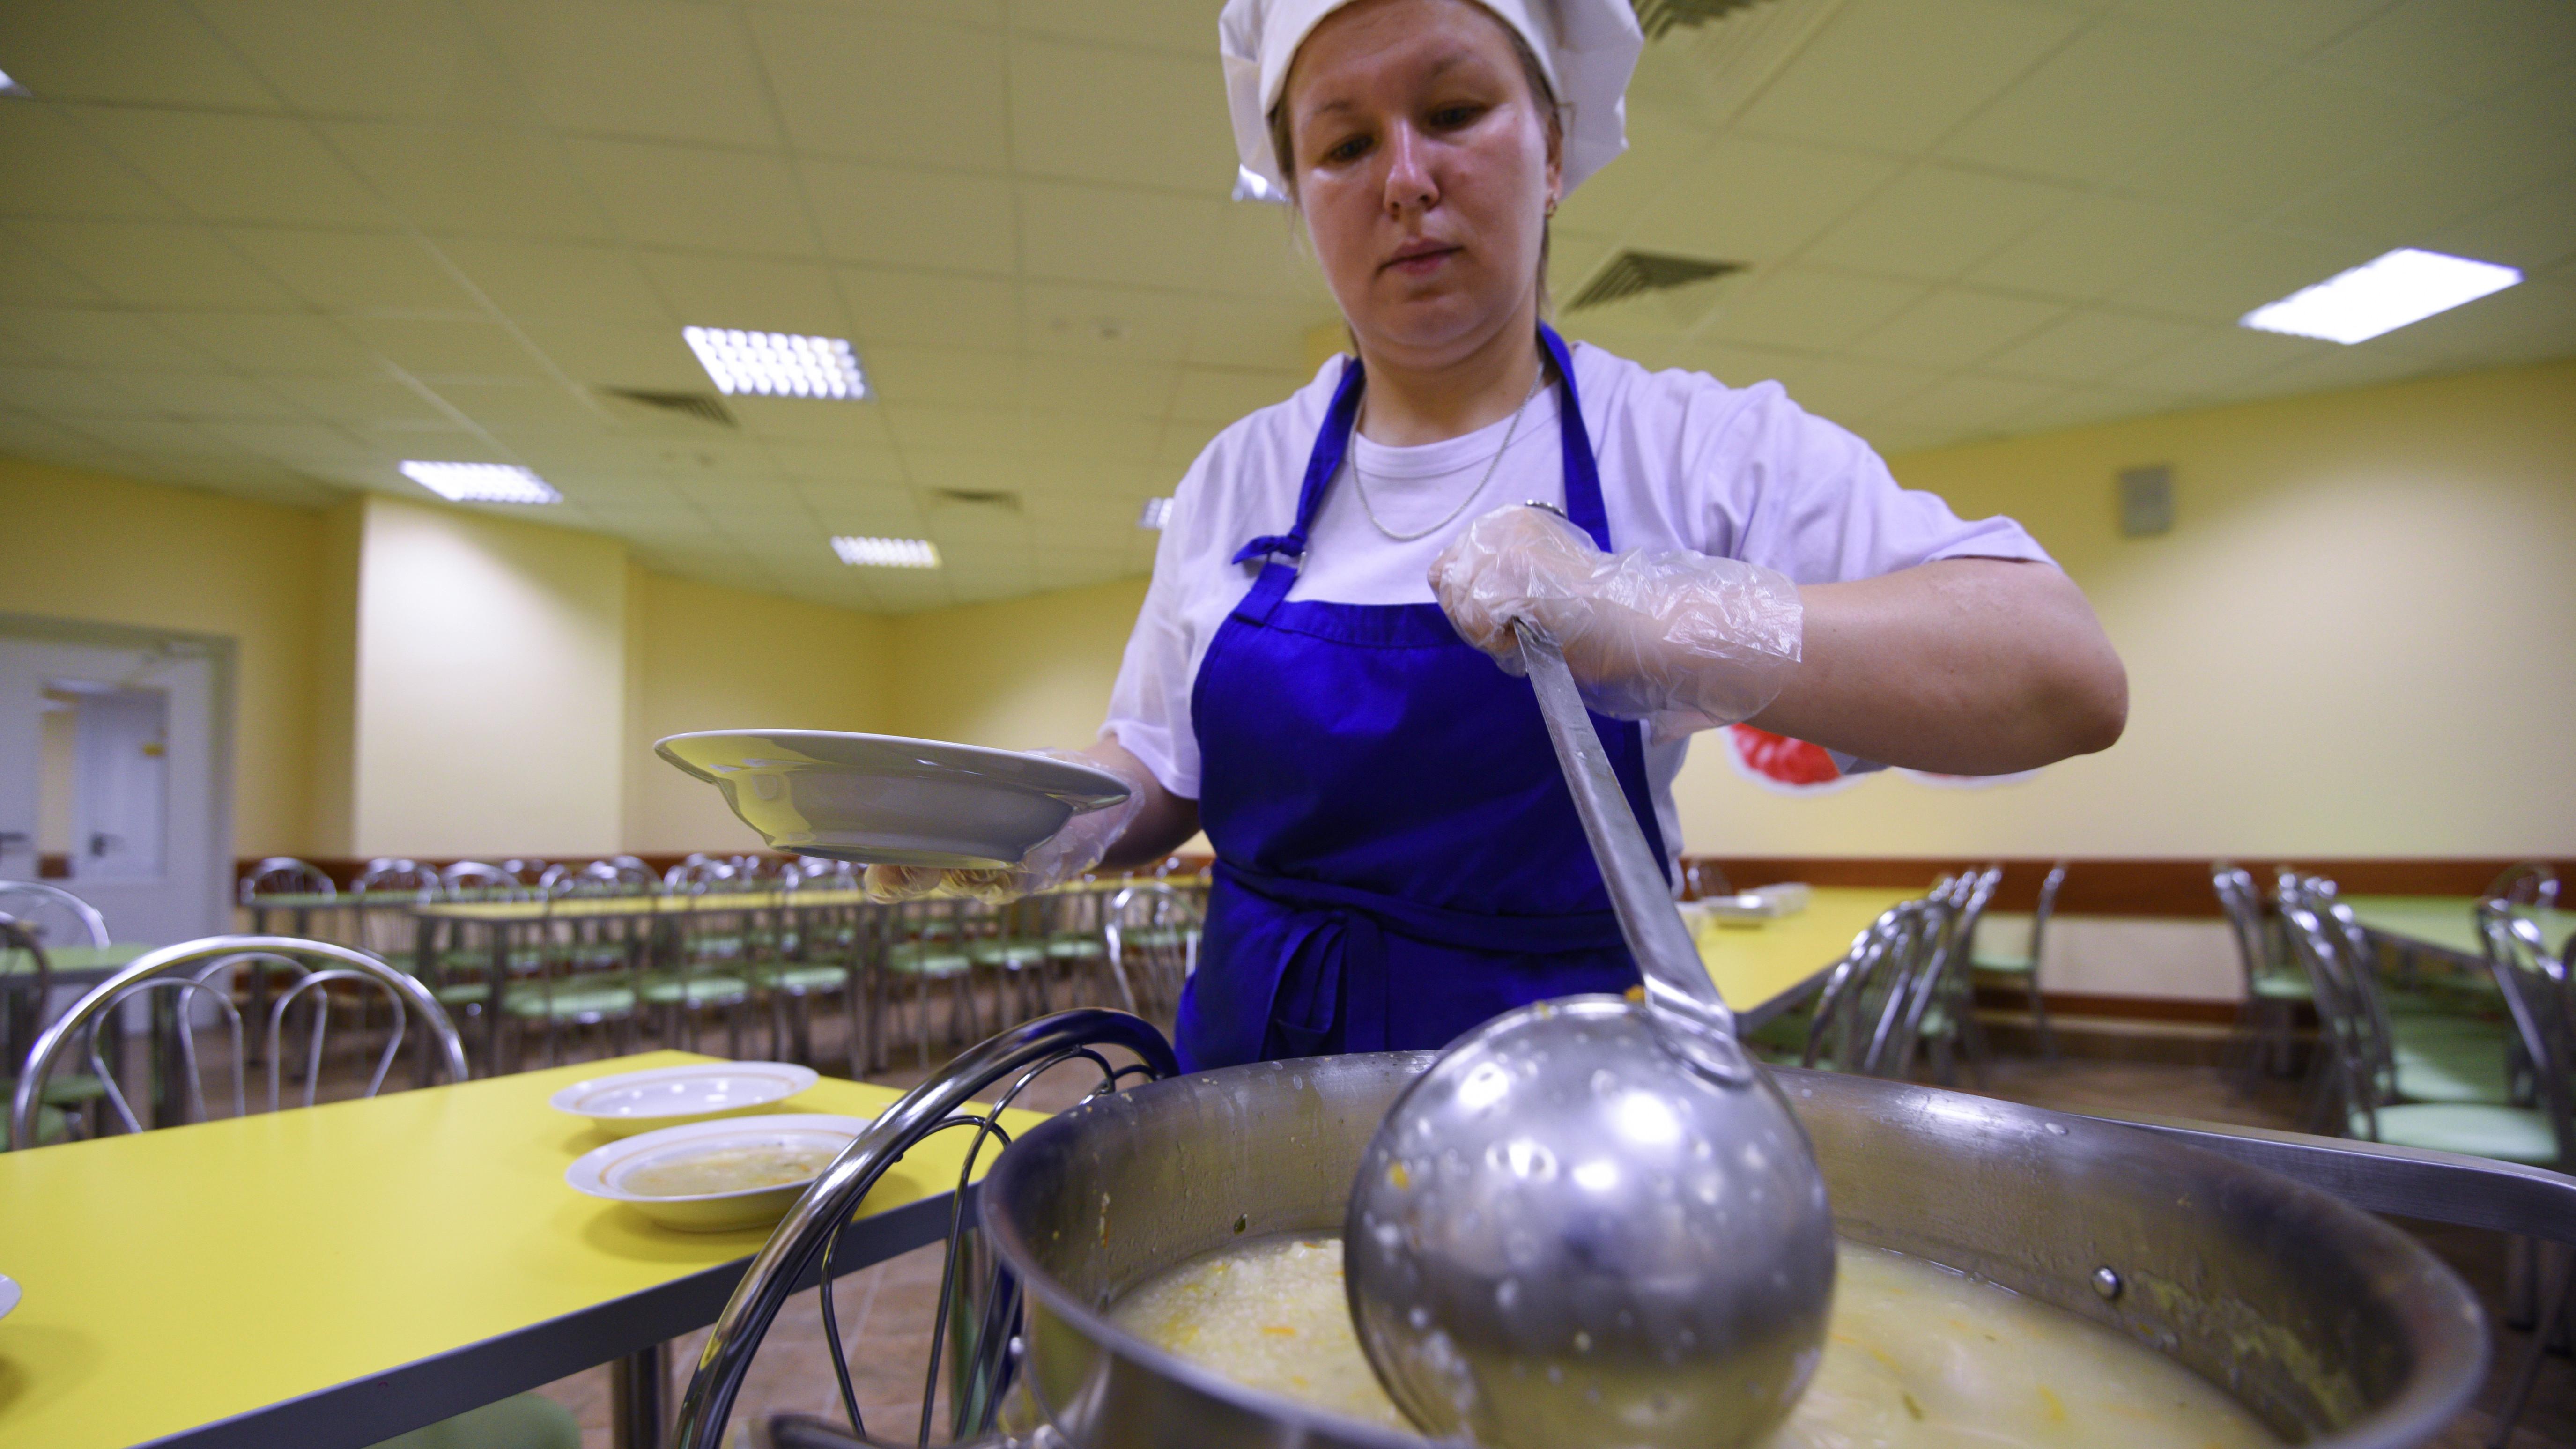 Повар раскладывает еду по тарелкам в школьной столовой